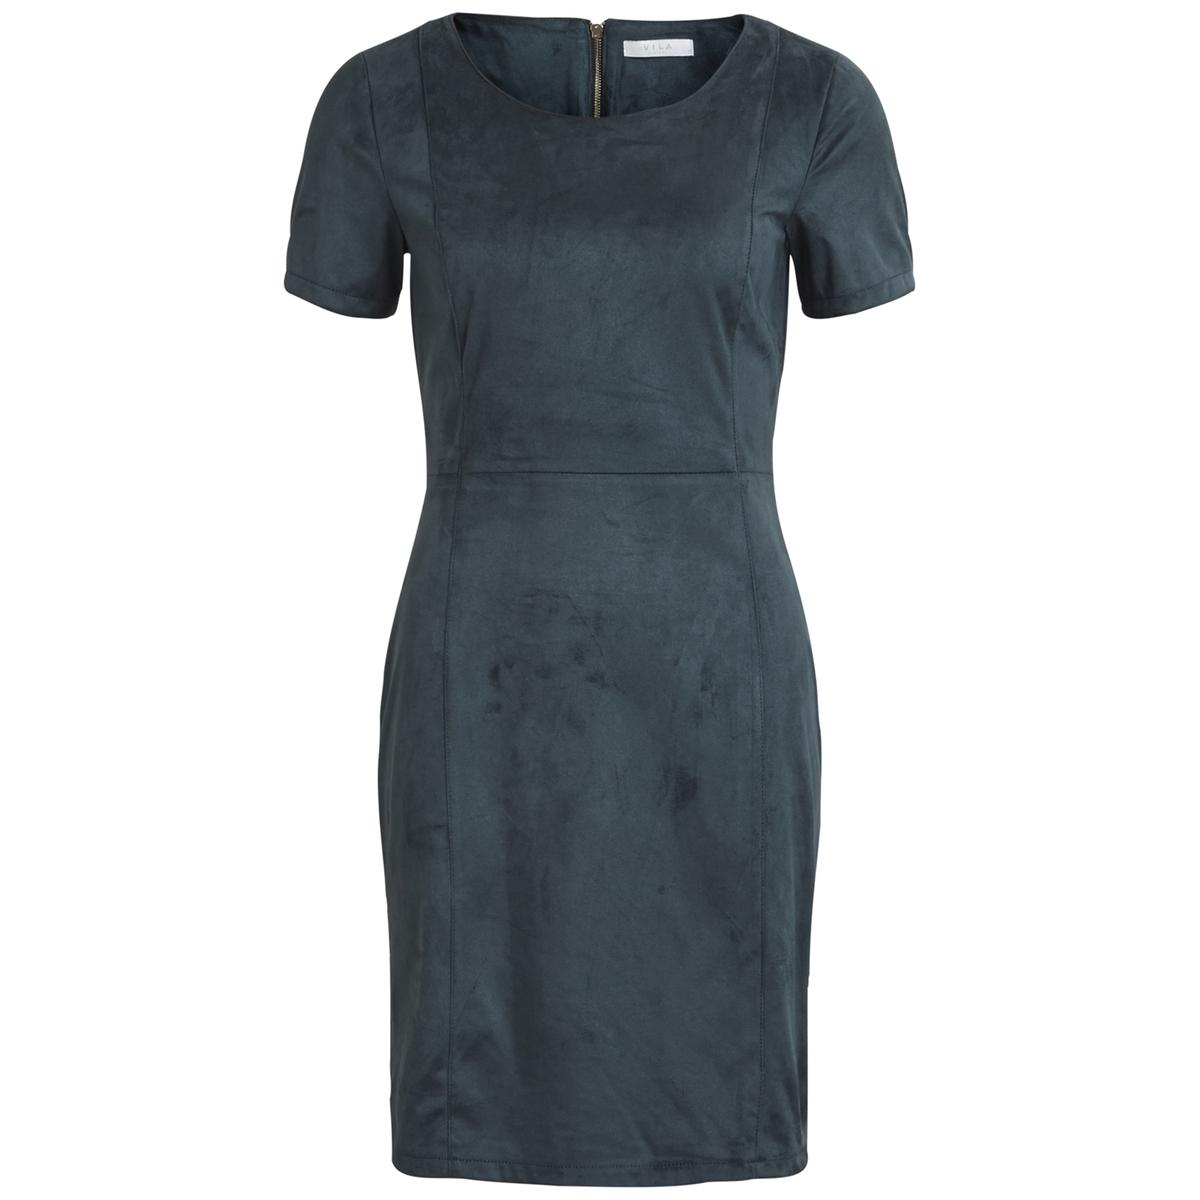 Платье-миди, длина 3/4, короткие рукаваОписание •  Форма : прямая  •  Длина миди, 3/4  •  Короткие рукава    •  Круглый вырезСостав и уход •  12% эластана, 88% полиэстера •  Следуйте рекомендациям по уходу, указанным на этикетке изделия<br><br>Цвет: изумрудный